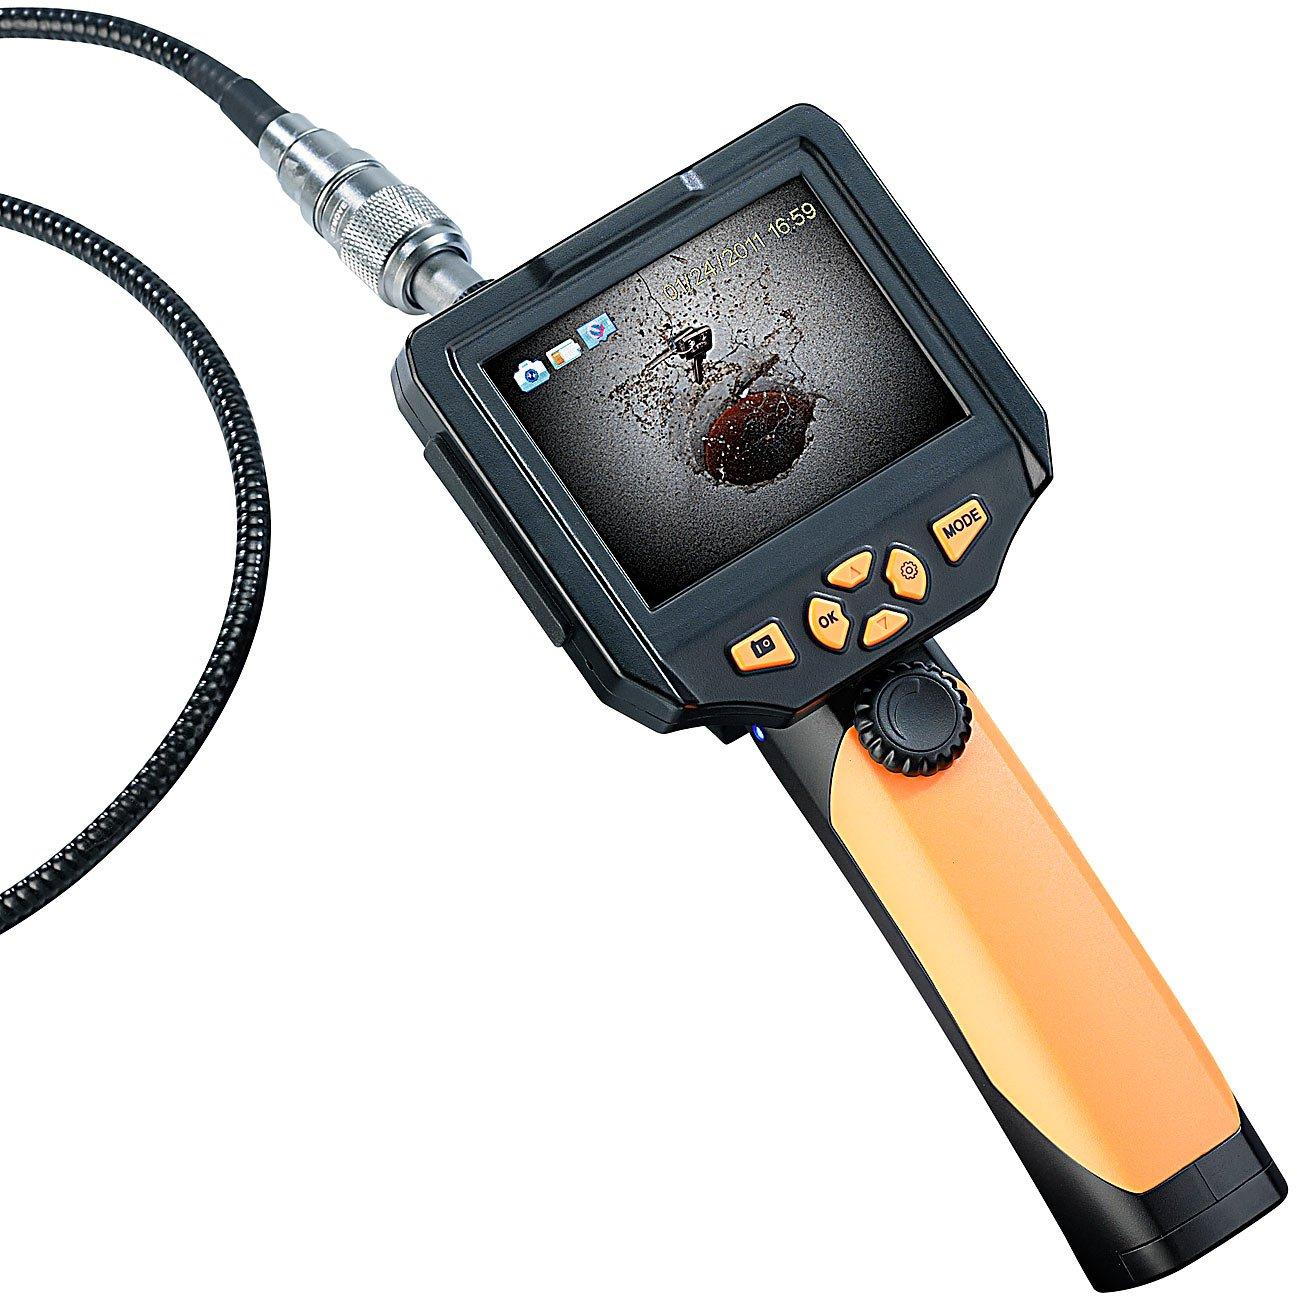 Somikon HDEndoskop 8,2 mm mit Monitor  Kundenberichte und weitere Informationen